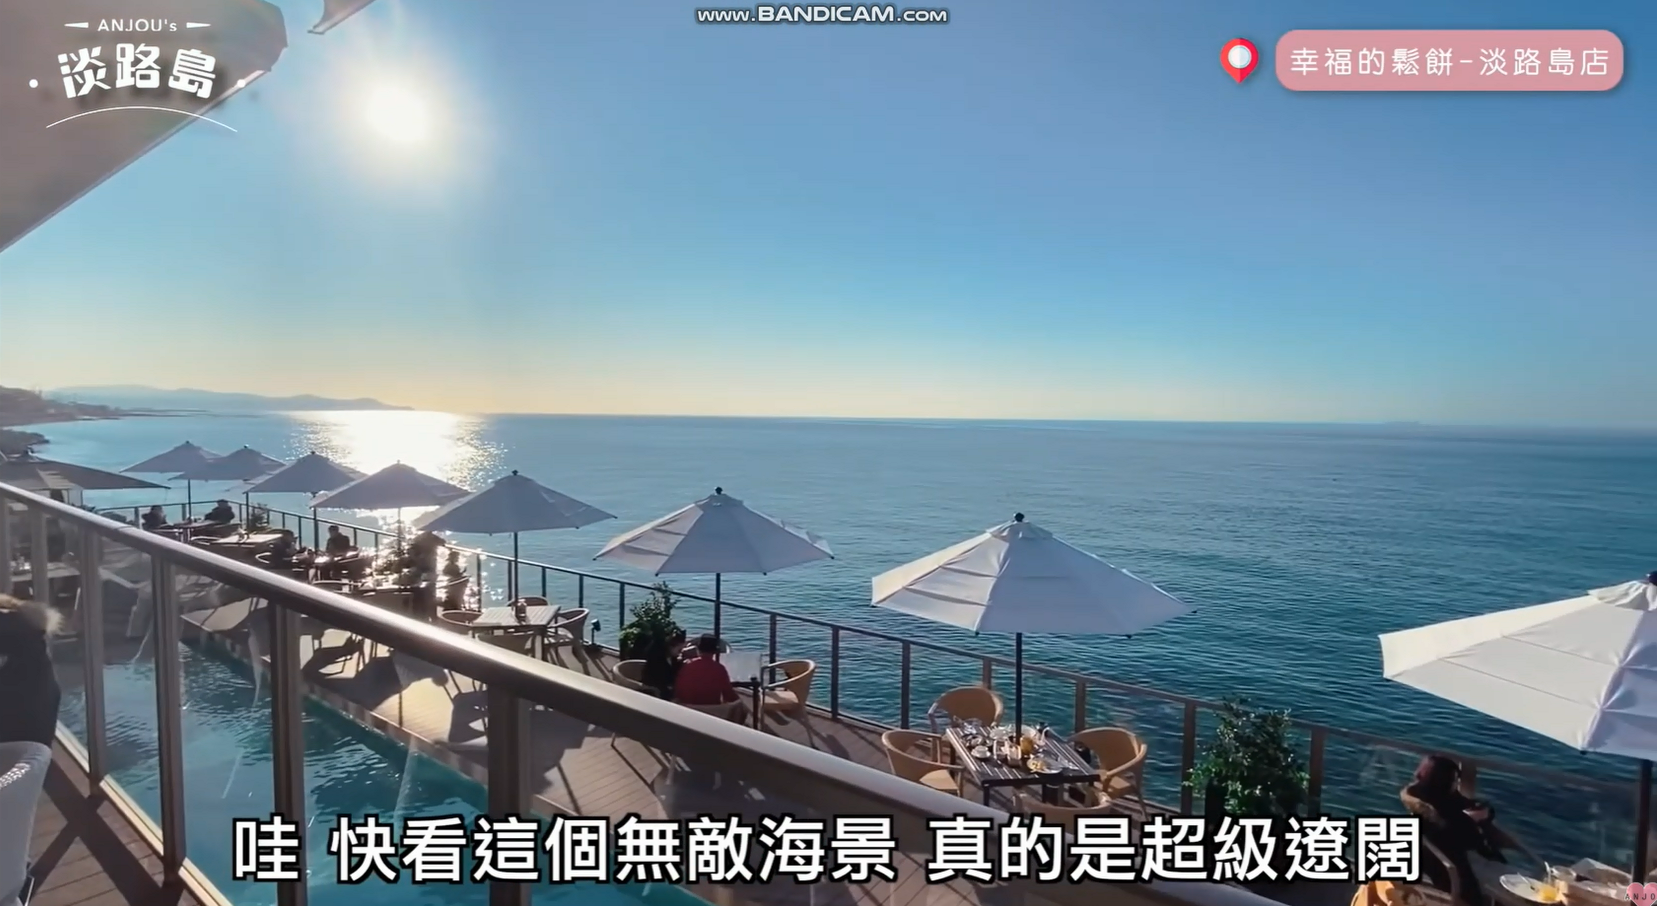 台湾の人気Youtuber安啾咪02